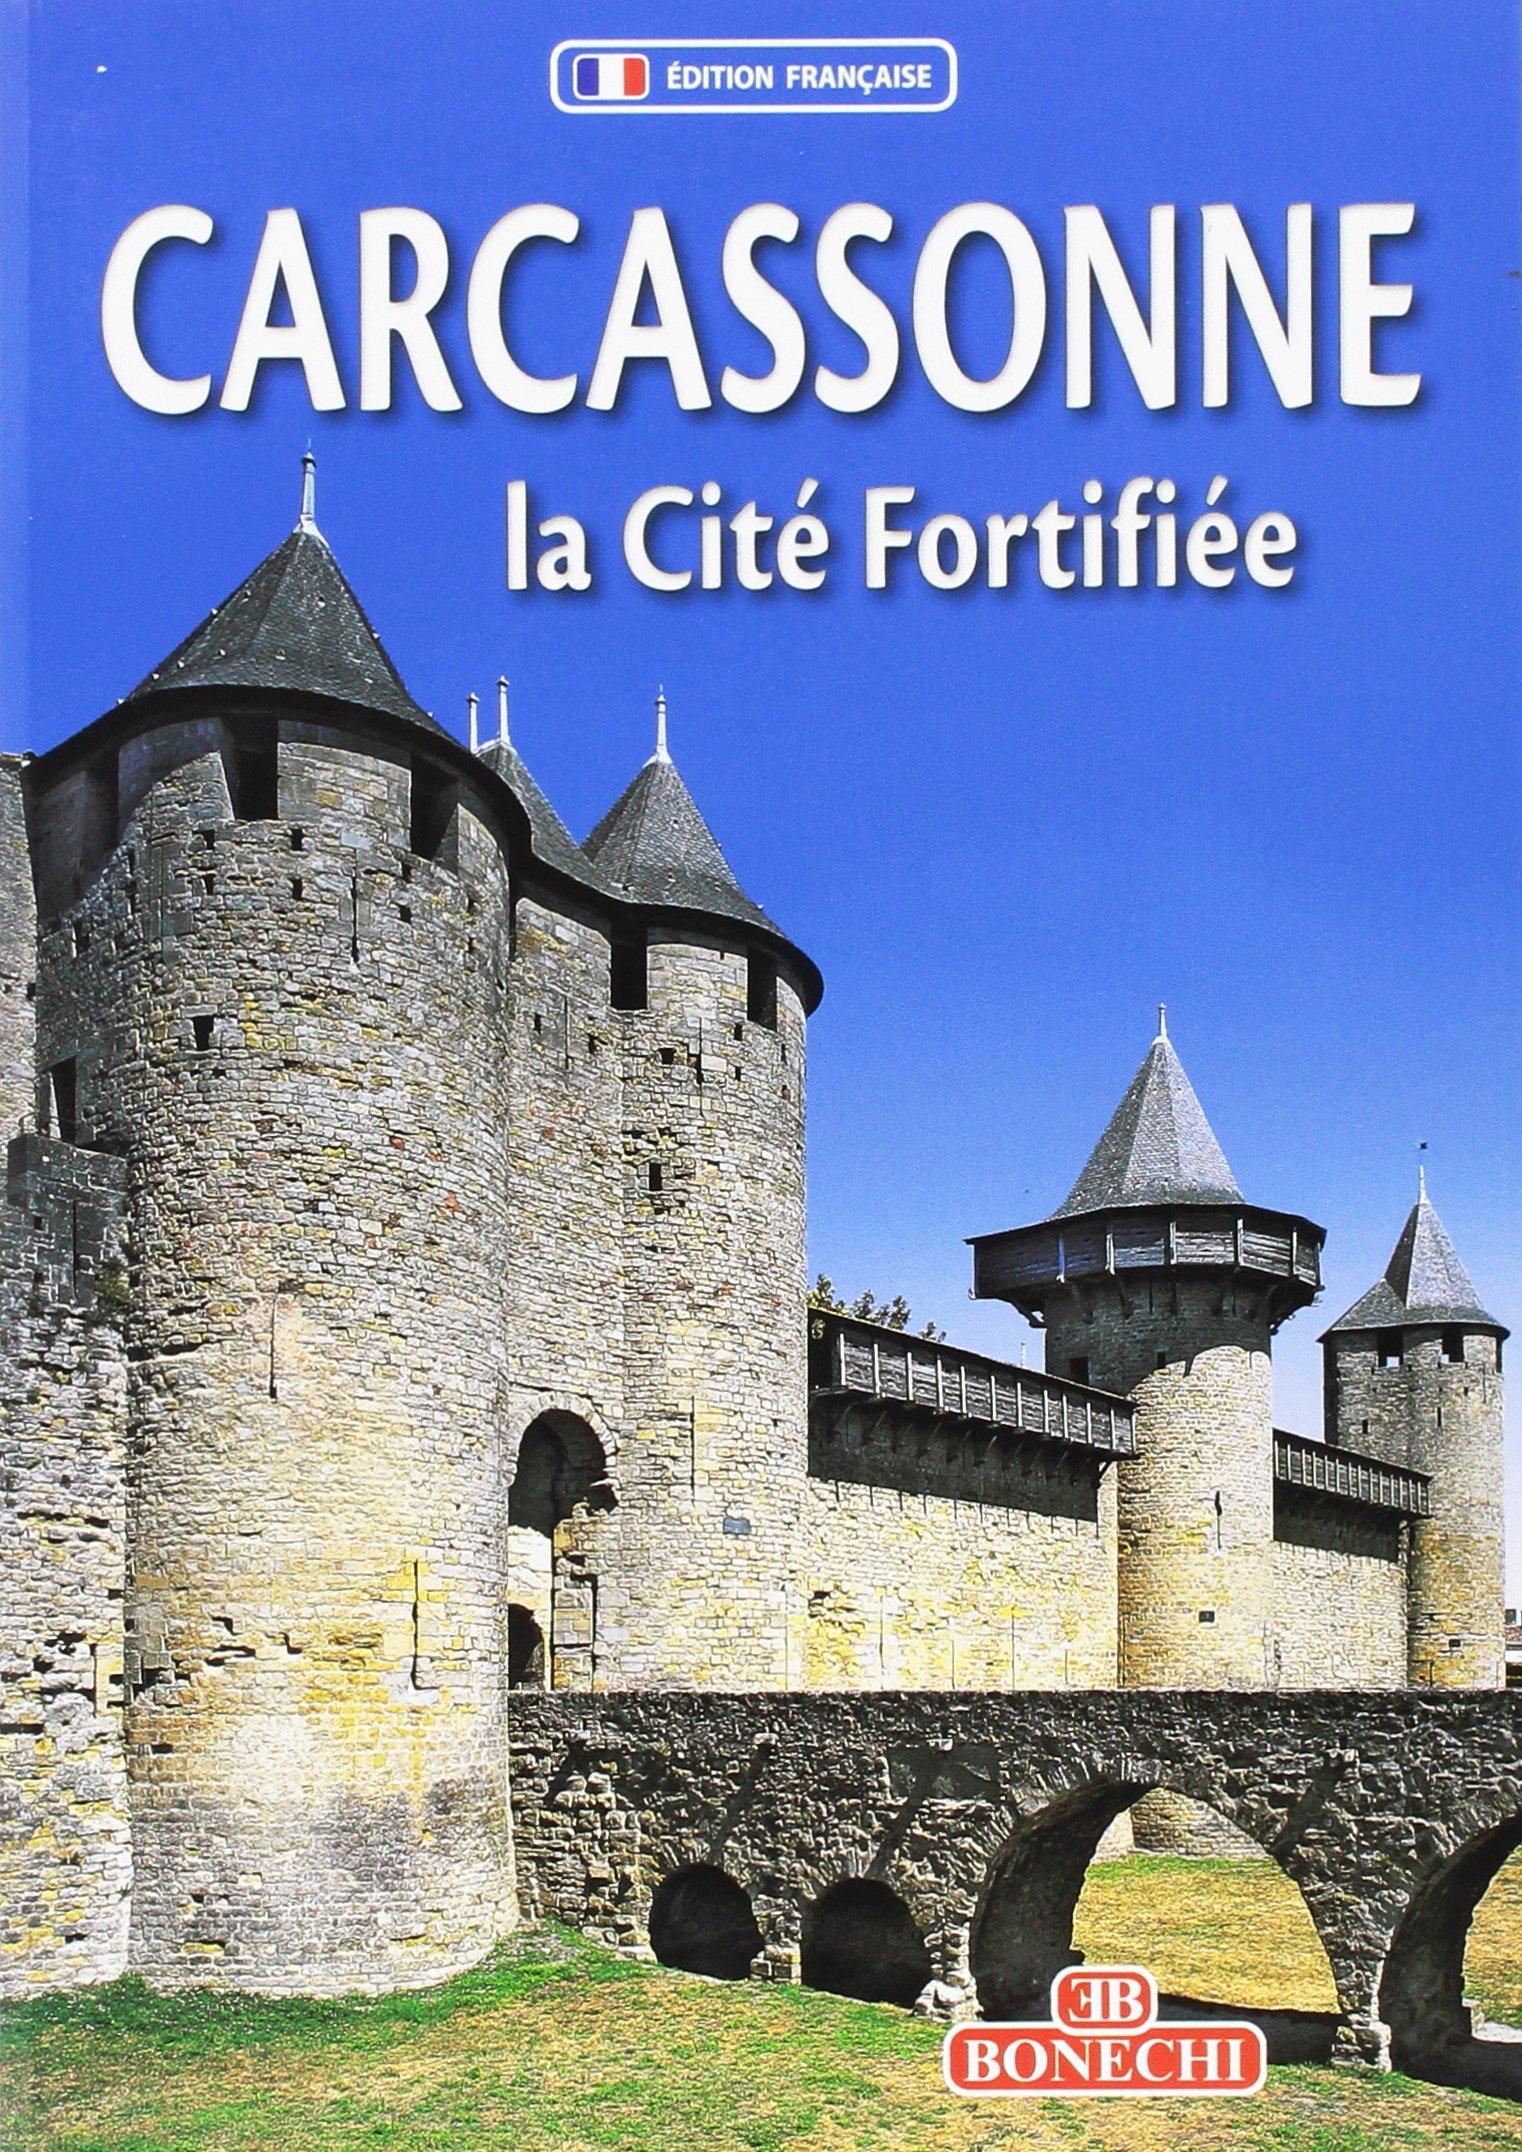 Carcassonne. Ediz. francese (Monografie 17 x 24): Amazon.es: Libros en idiomas extranjeros